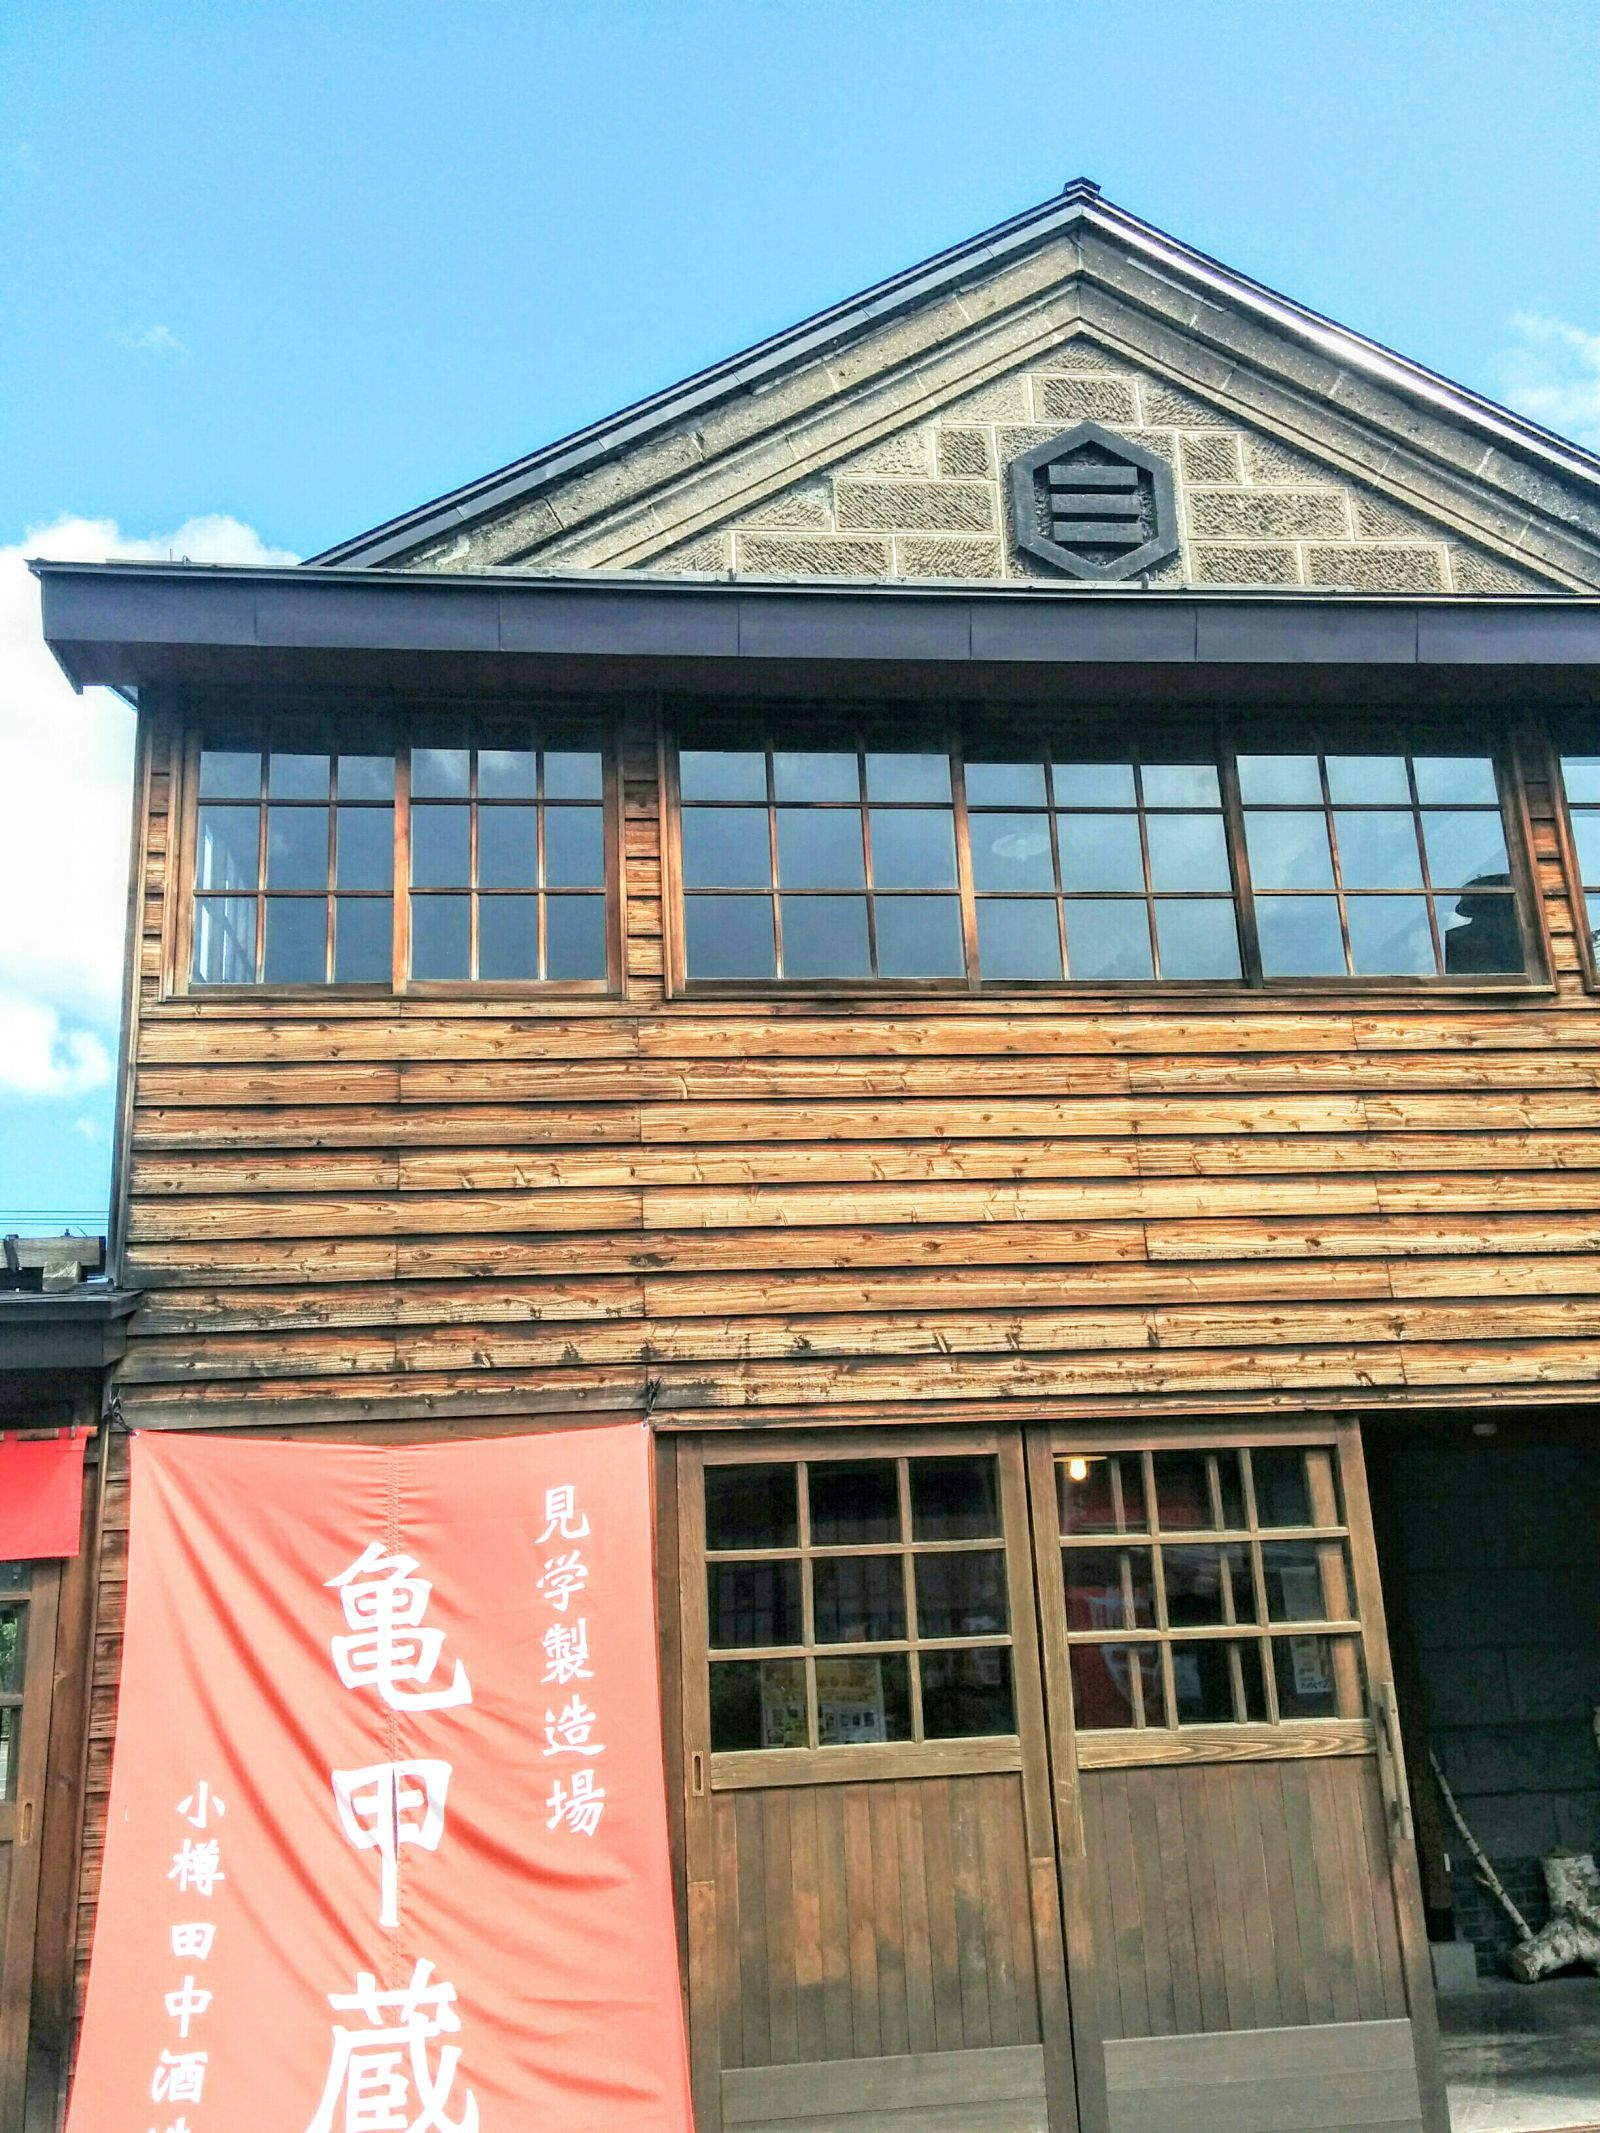 【小樽】田中酒造亀甲蔵観光案内です。